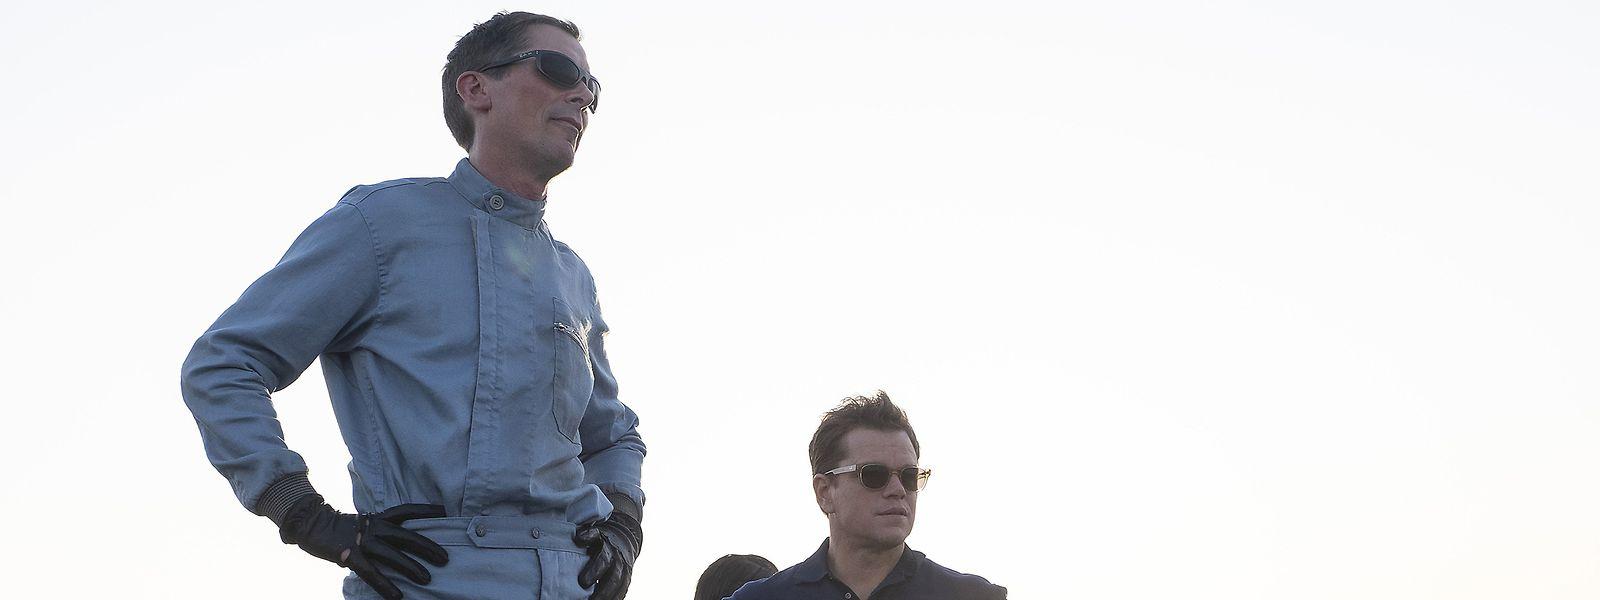 Christian Bale (l.) und Matt Damon spielen das geniale Rennsportduo Miles/Shelby.